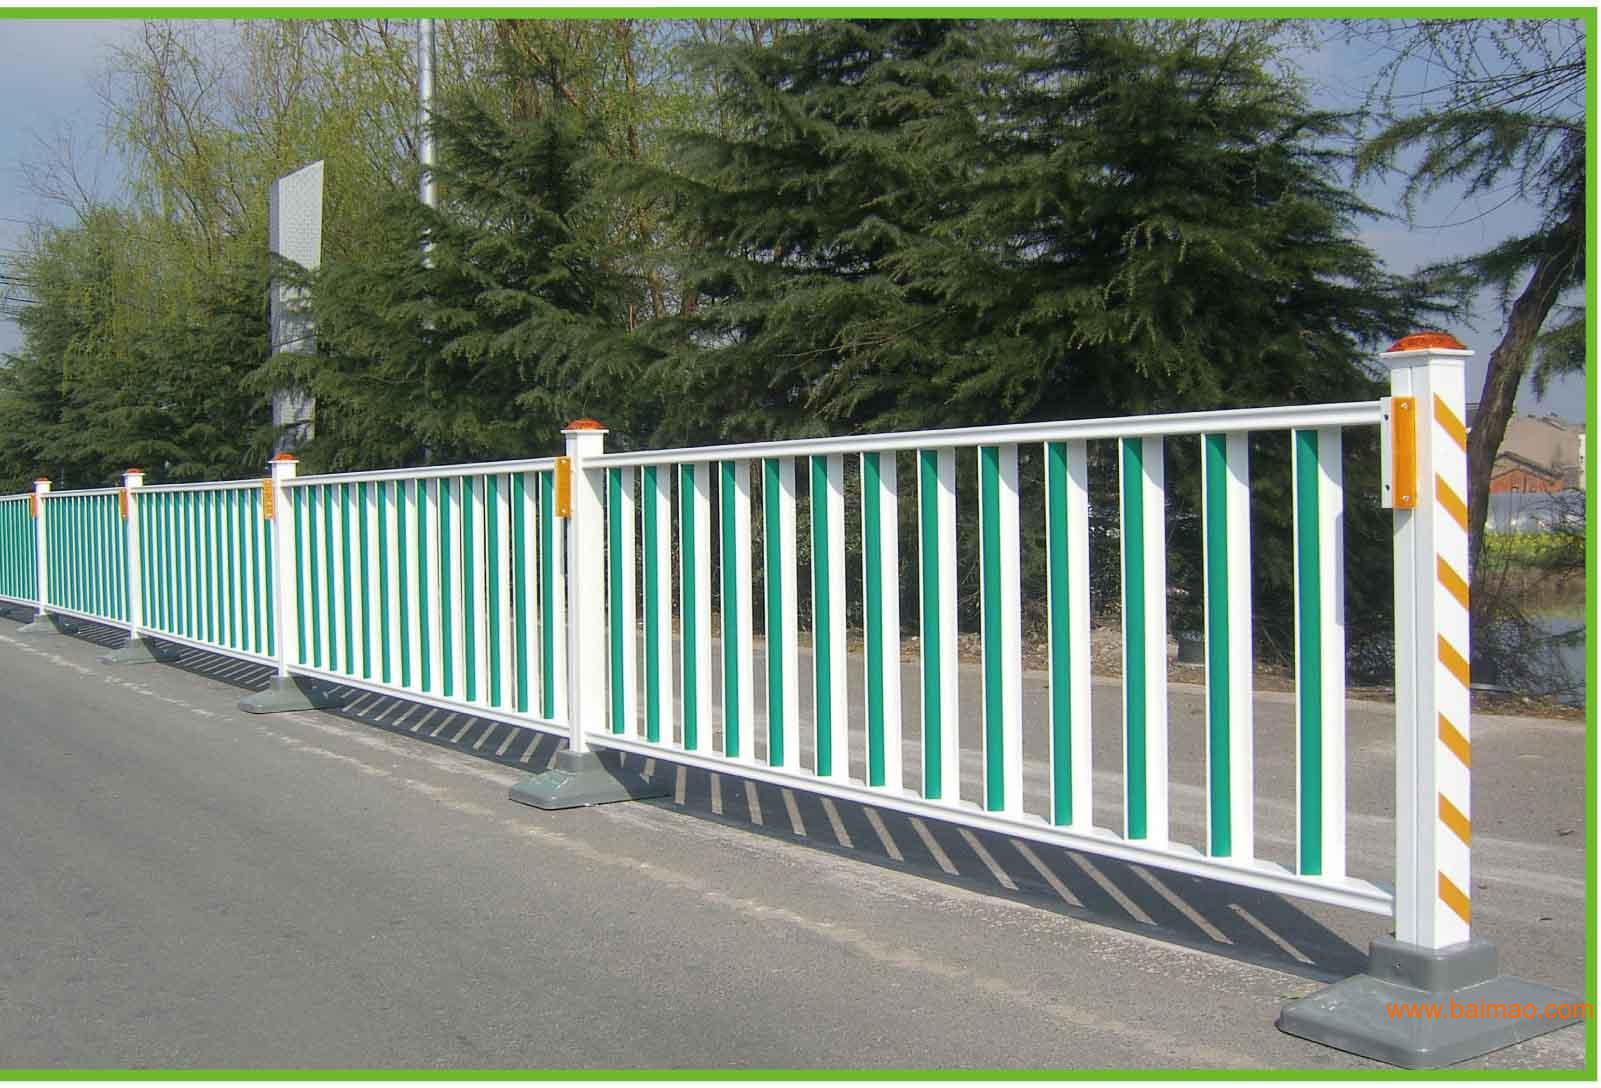 道路锌钢护栏网的出现减少了交通事故的发生